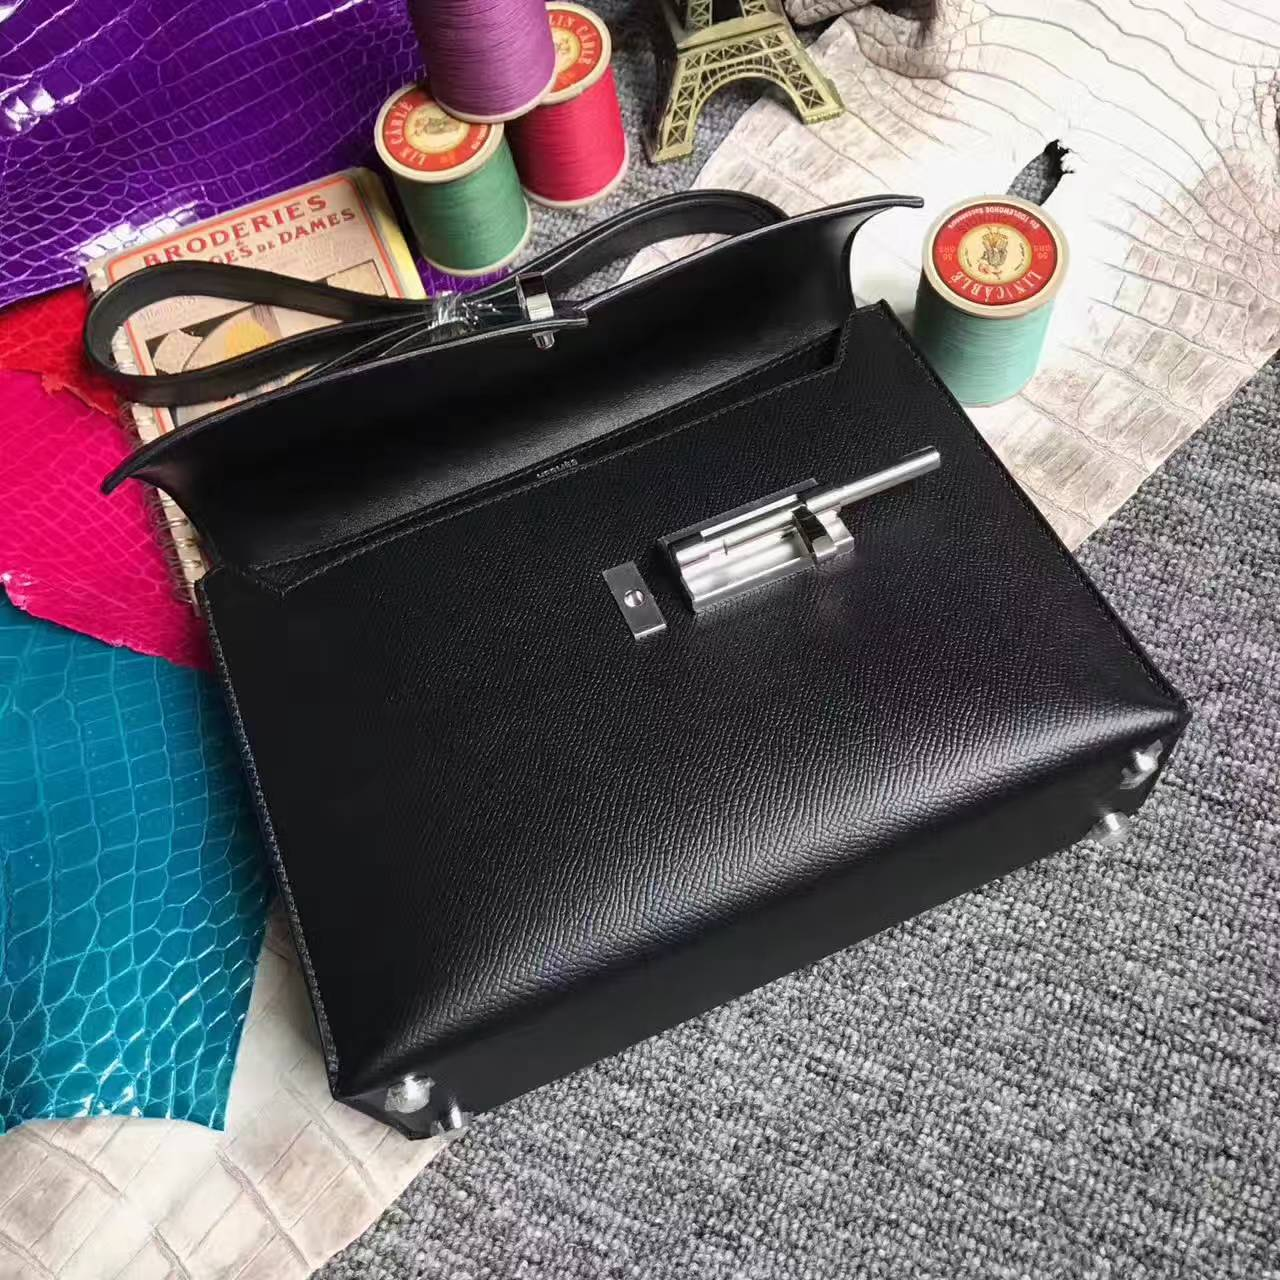 New Arrival Hermes Verrou Bag 24cm in CK89 Black Epsom Leather